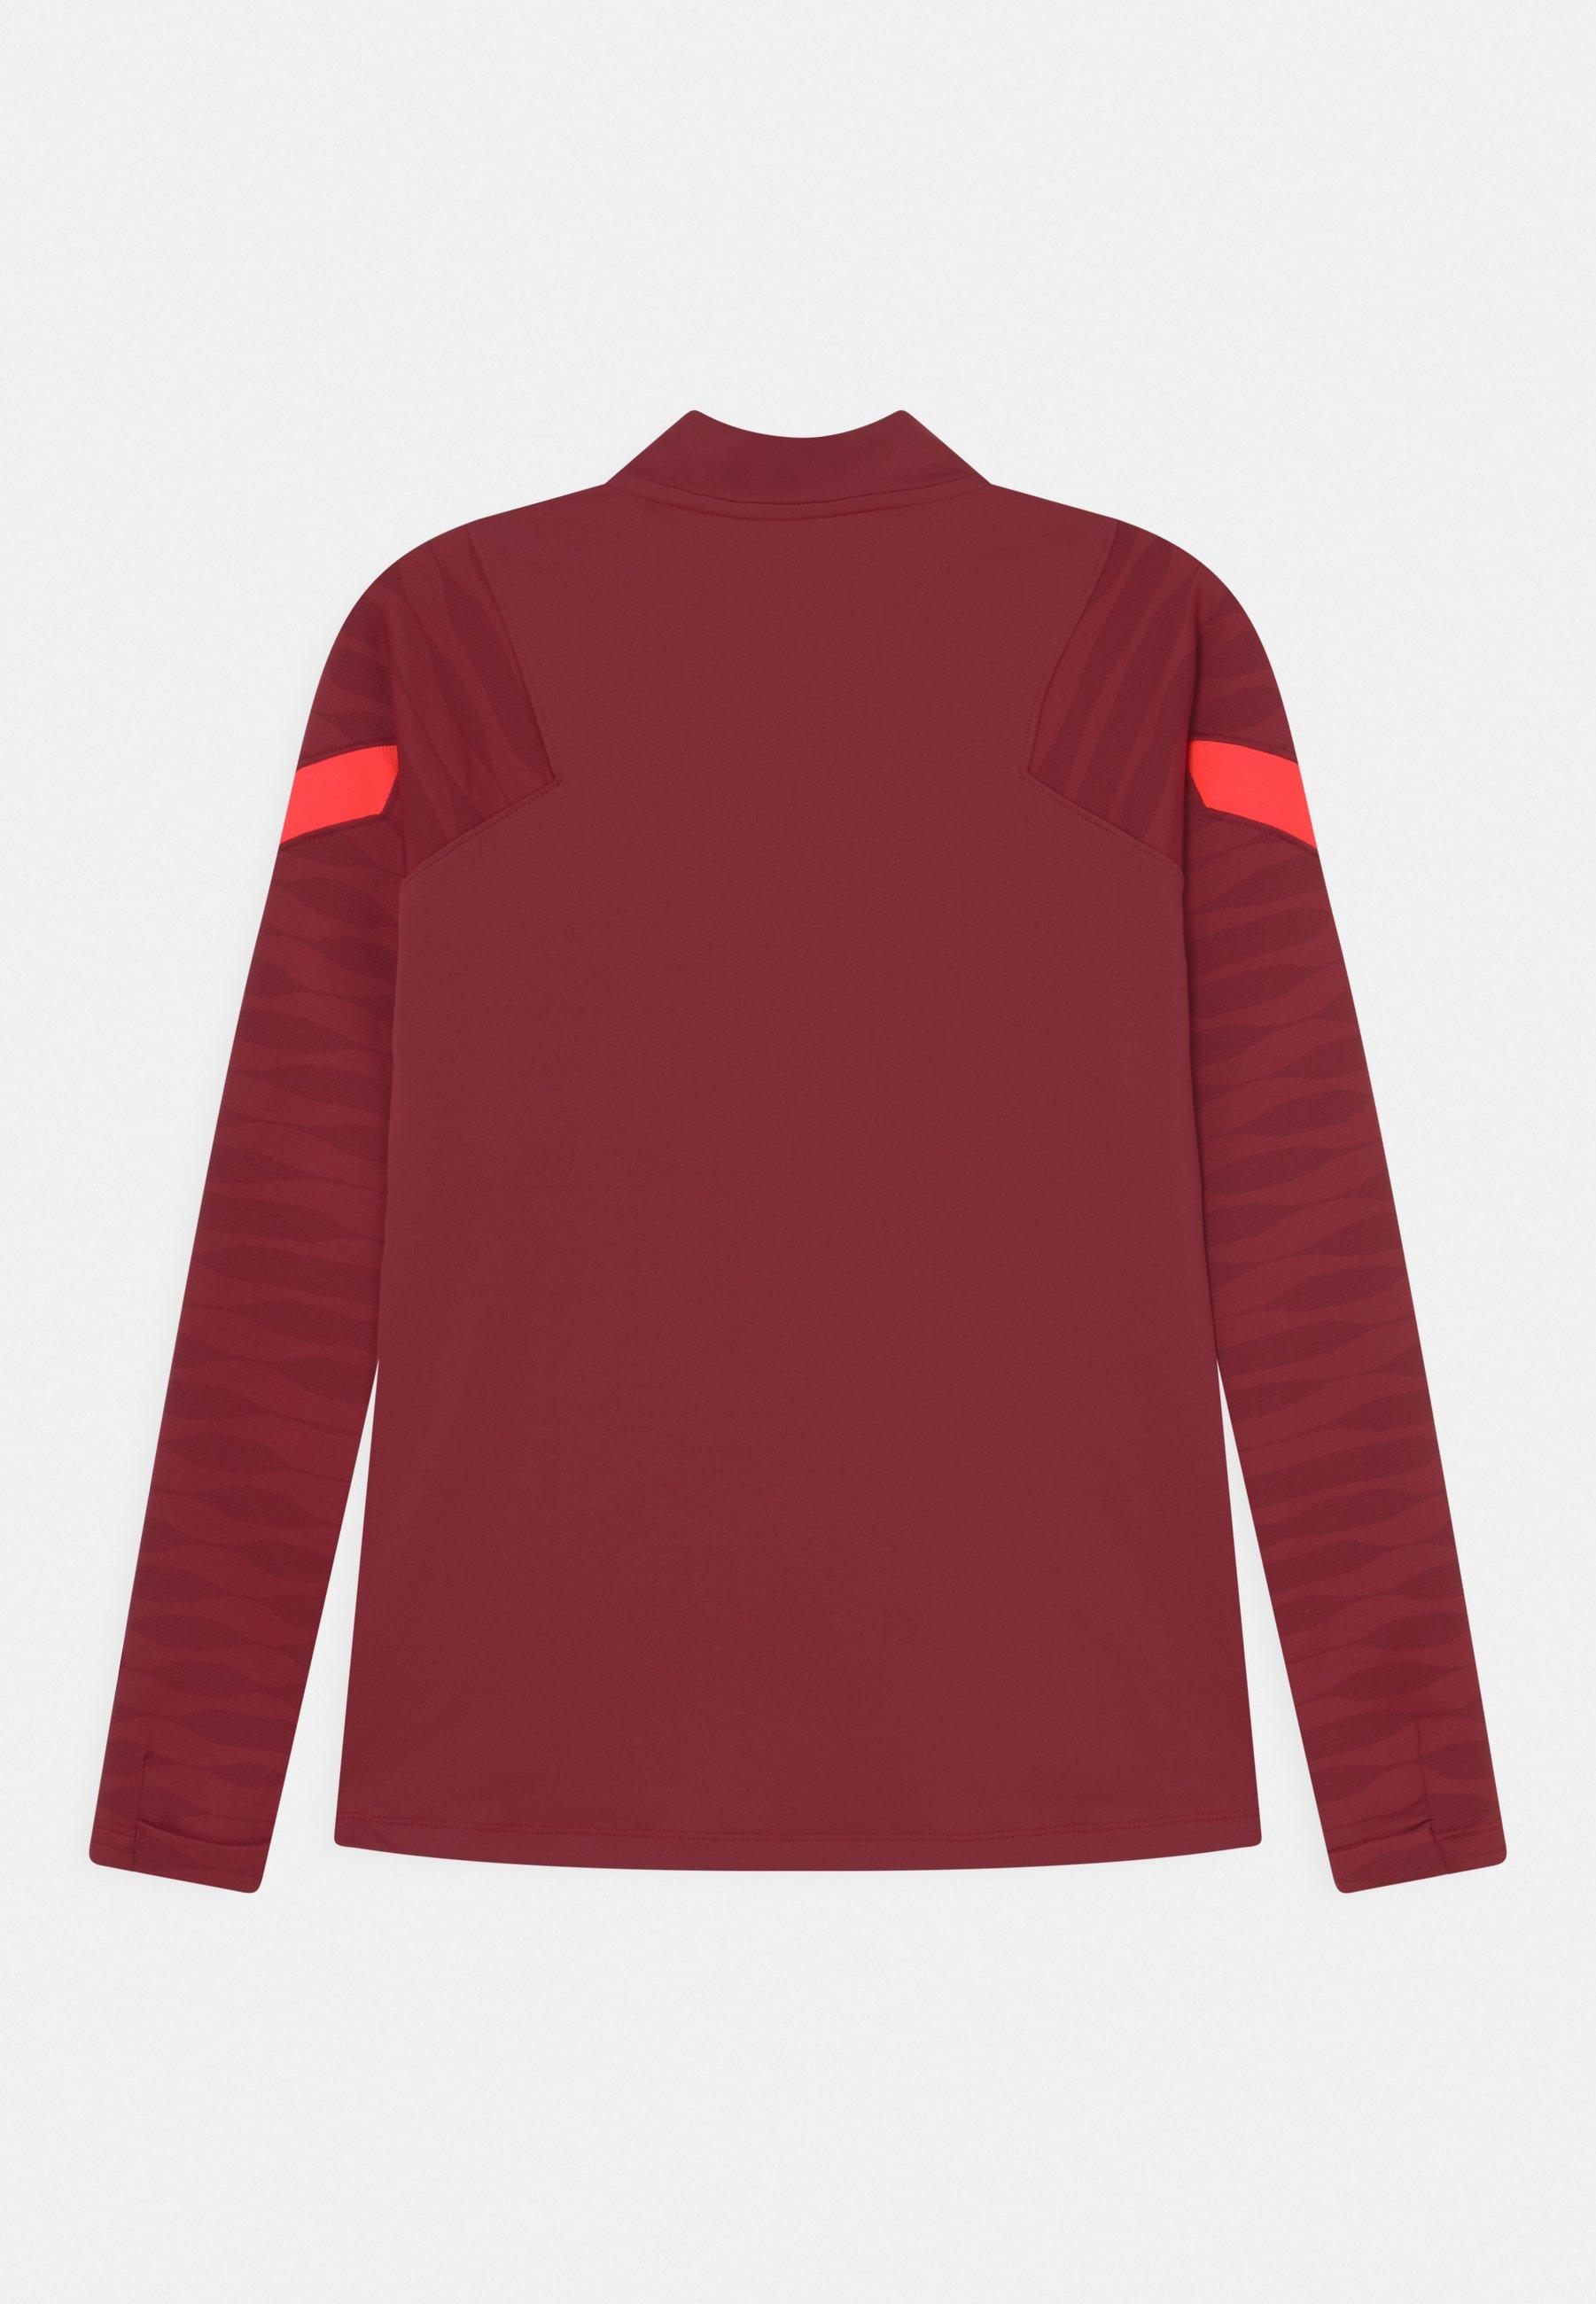 Kids LIVERPOOL FC STRIKE DRILL UNISEX - Club wear